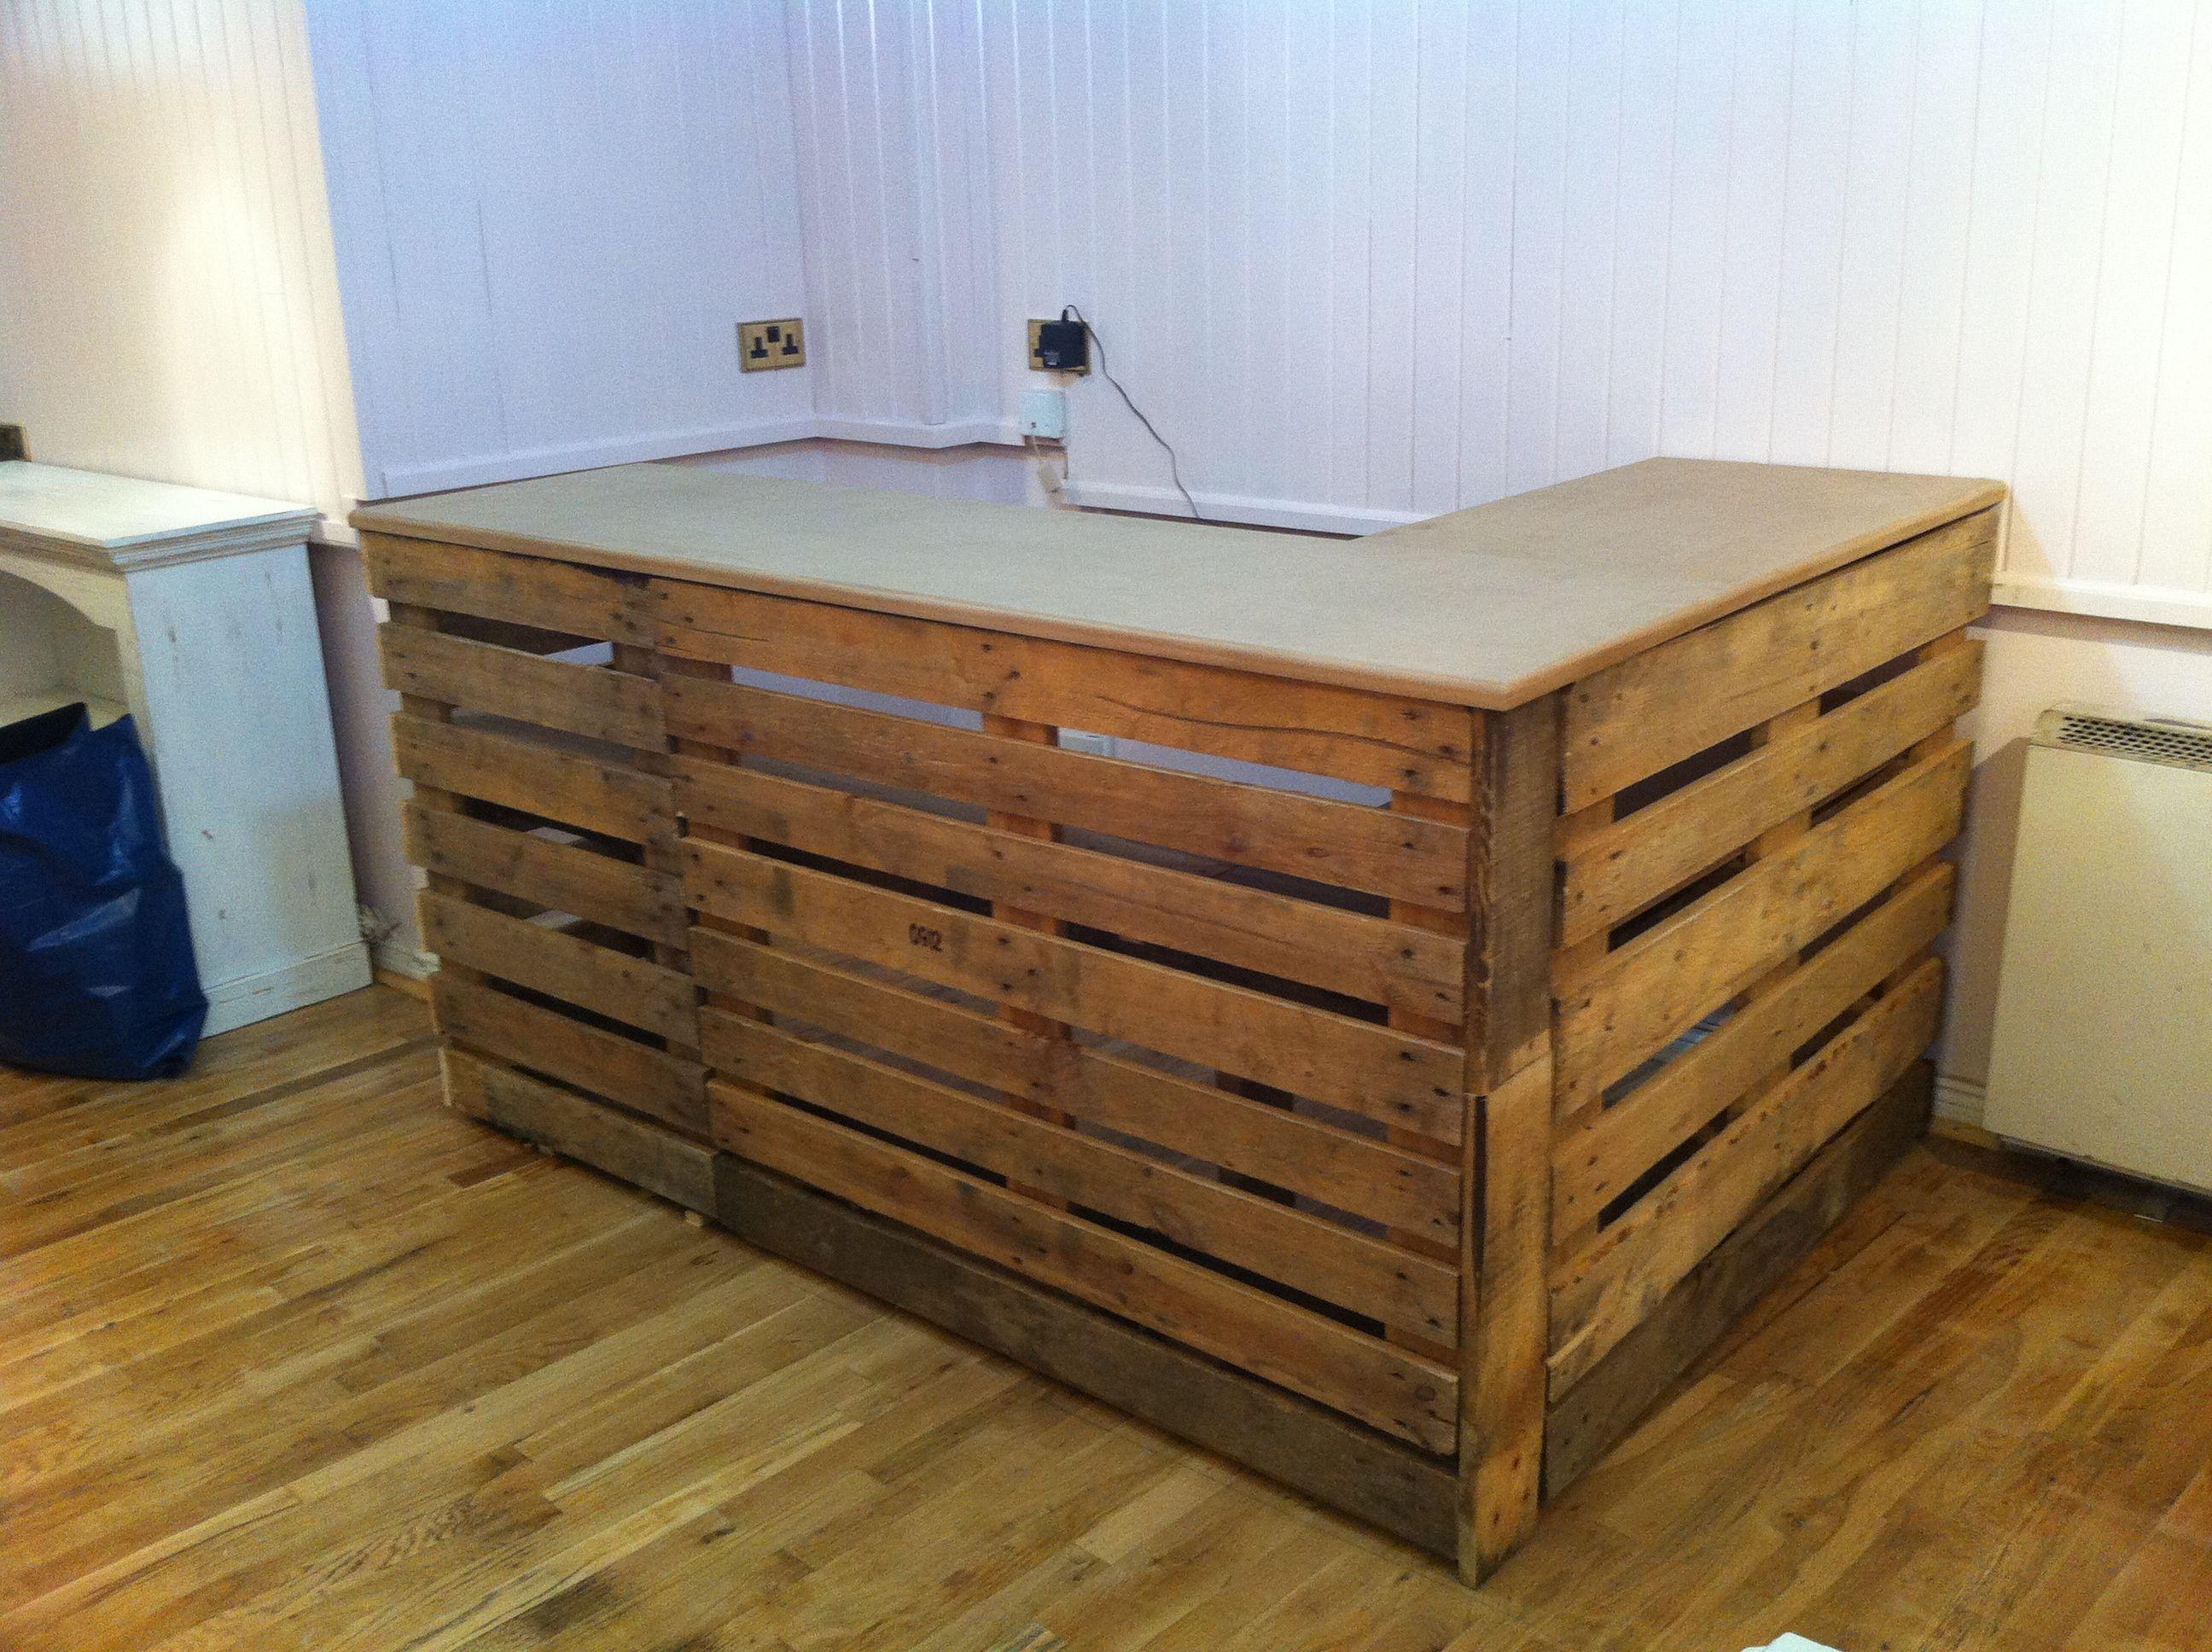 pallet desk das ist ja mal ne echt geile idee f r einen mein laden. Black Bedroom Furniture Sets. Home Design Ideas